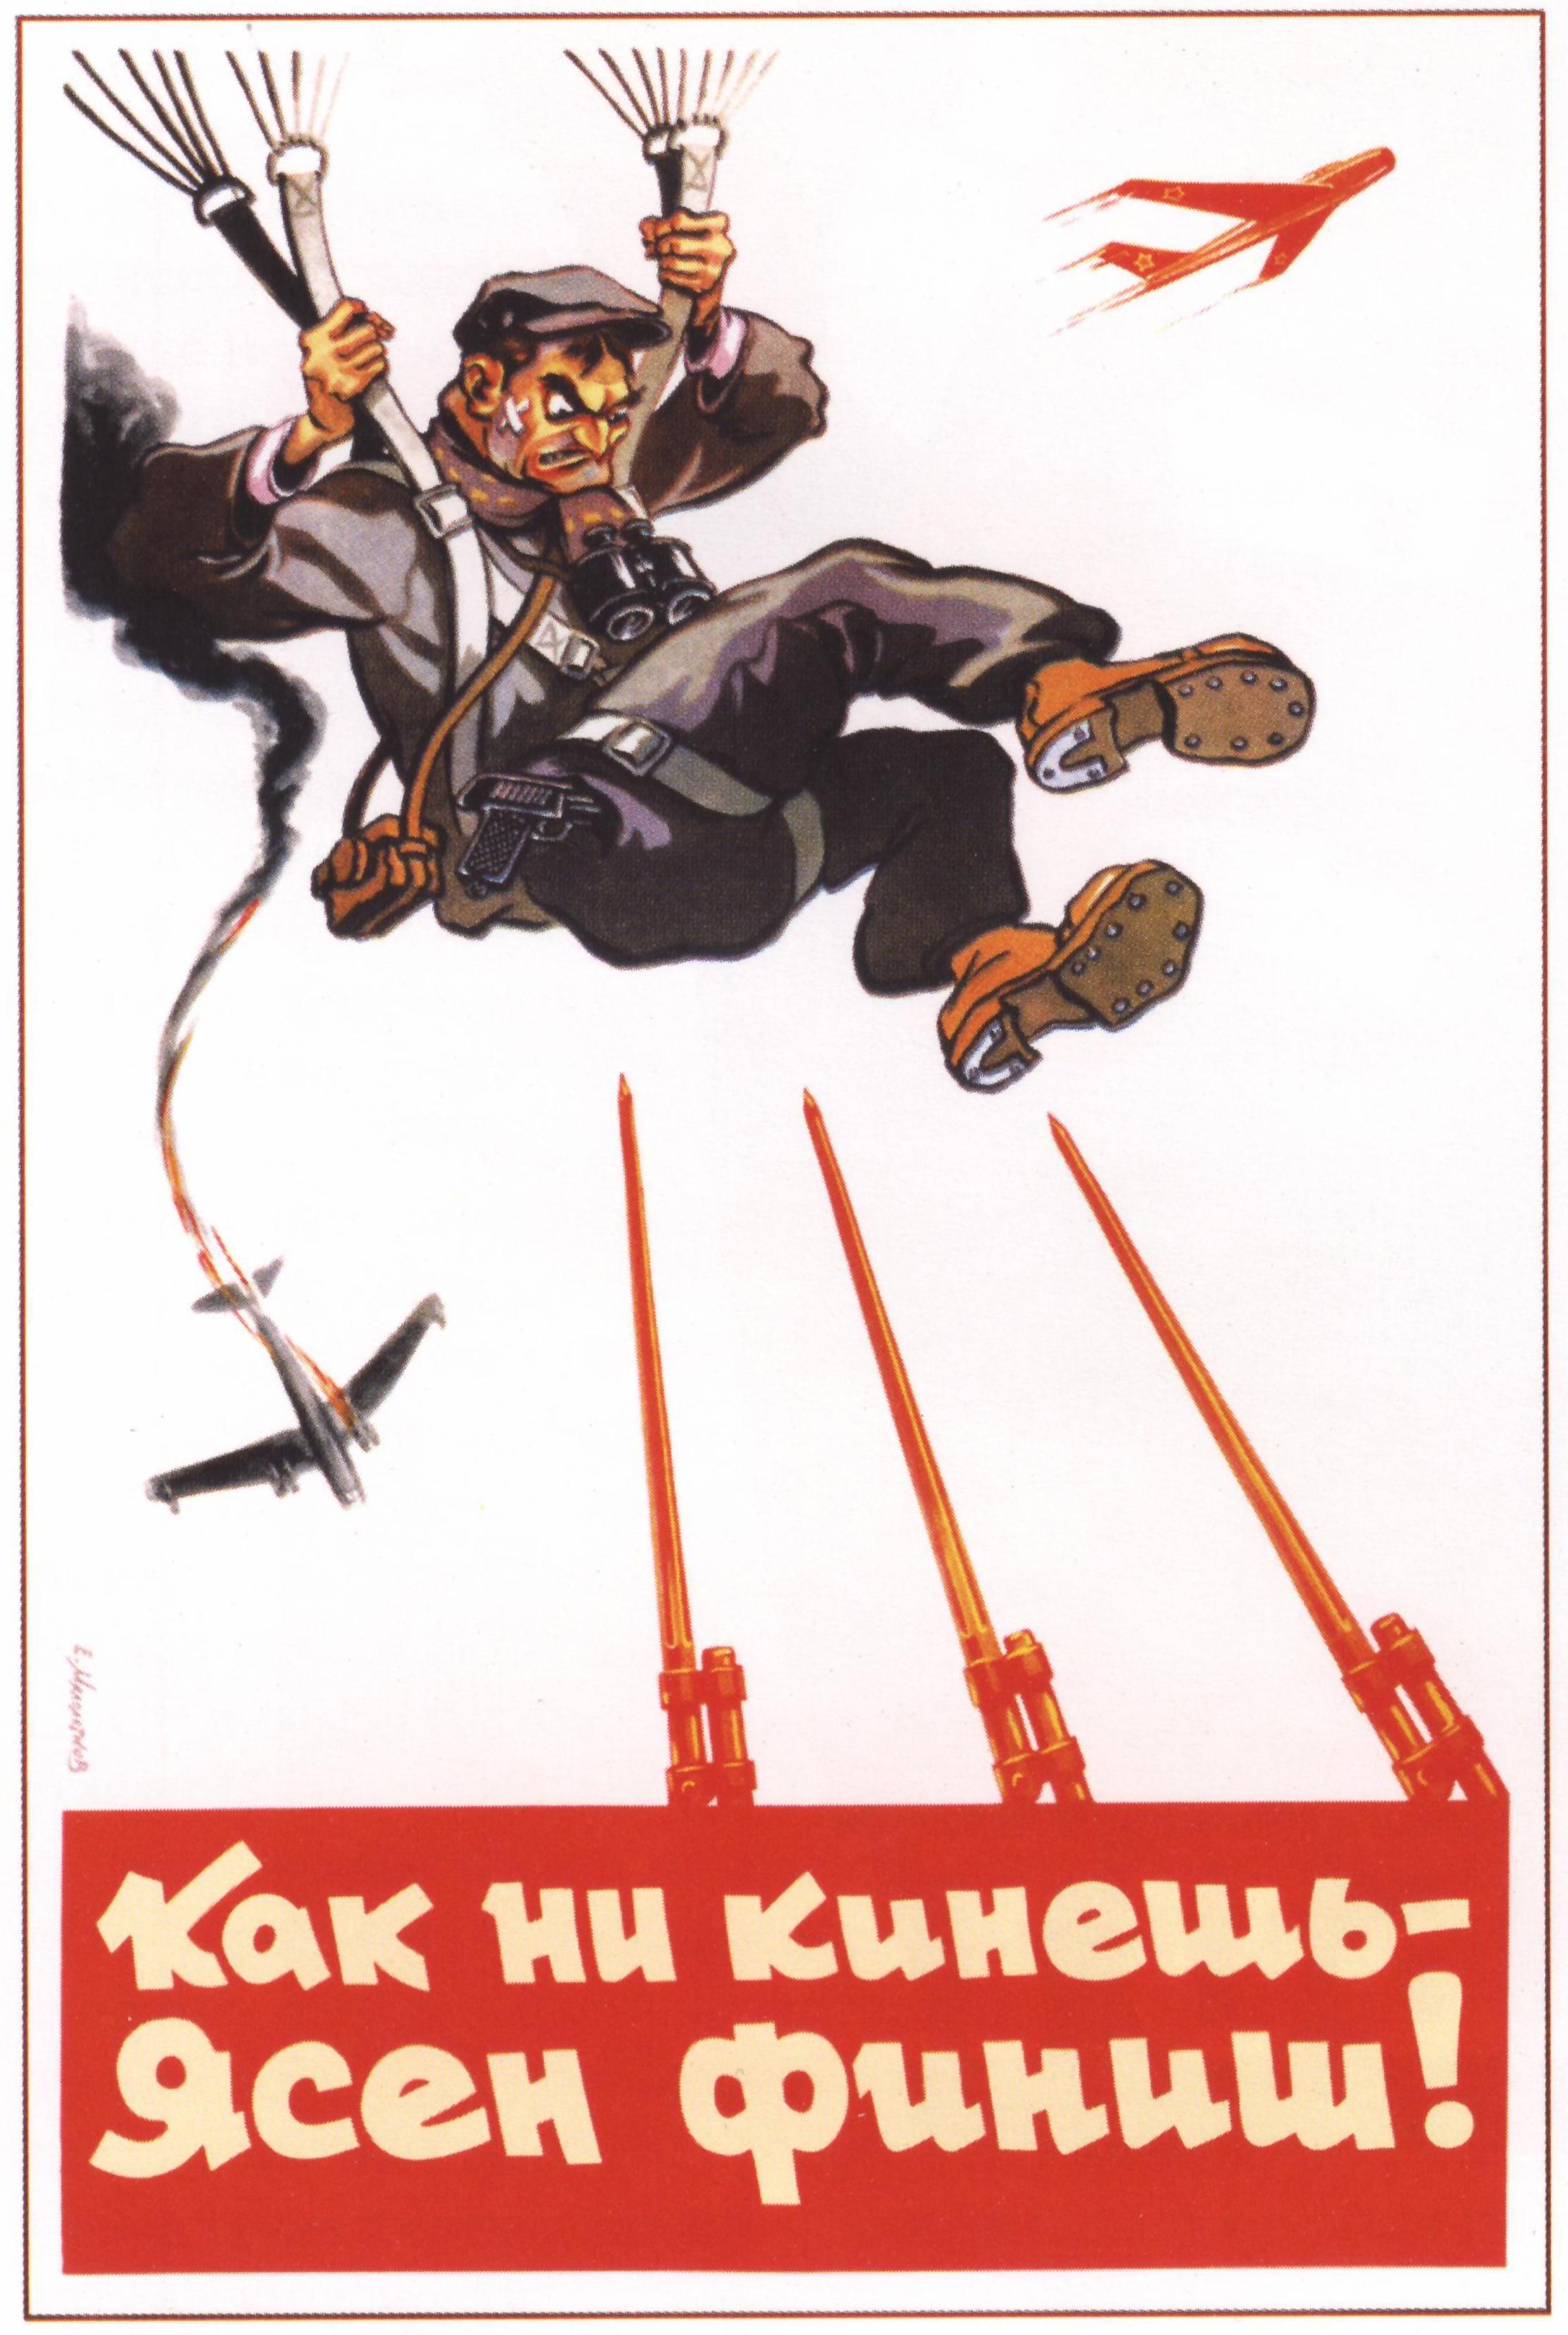 http://my-ussr.ru/images/plakaty/antivoennye/ruki-proch/1954-maloletkov-kak-kinesh-yasen-finish-3.jpg